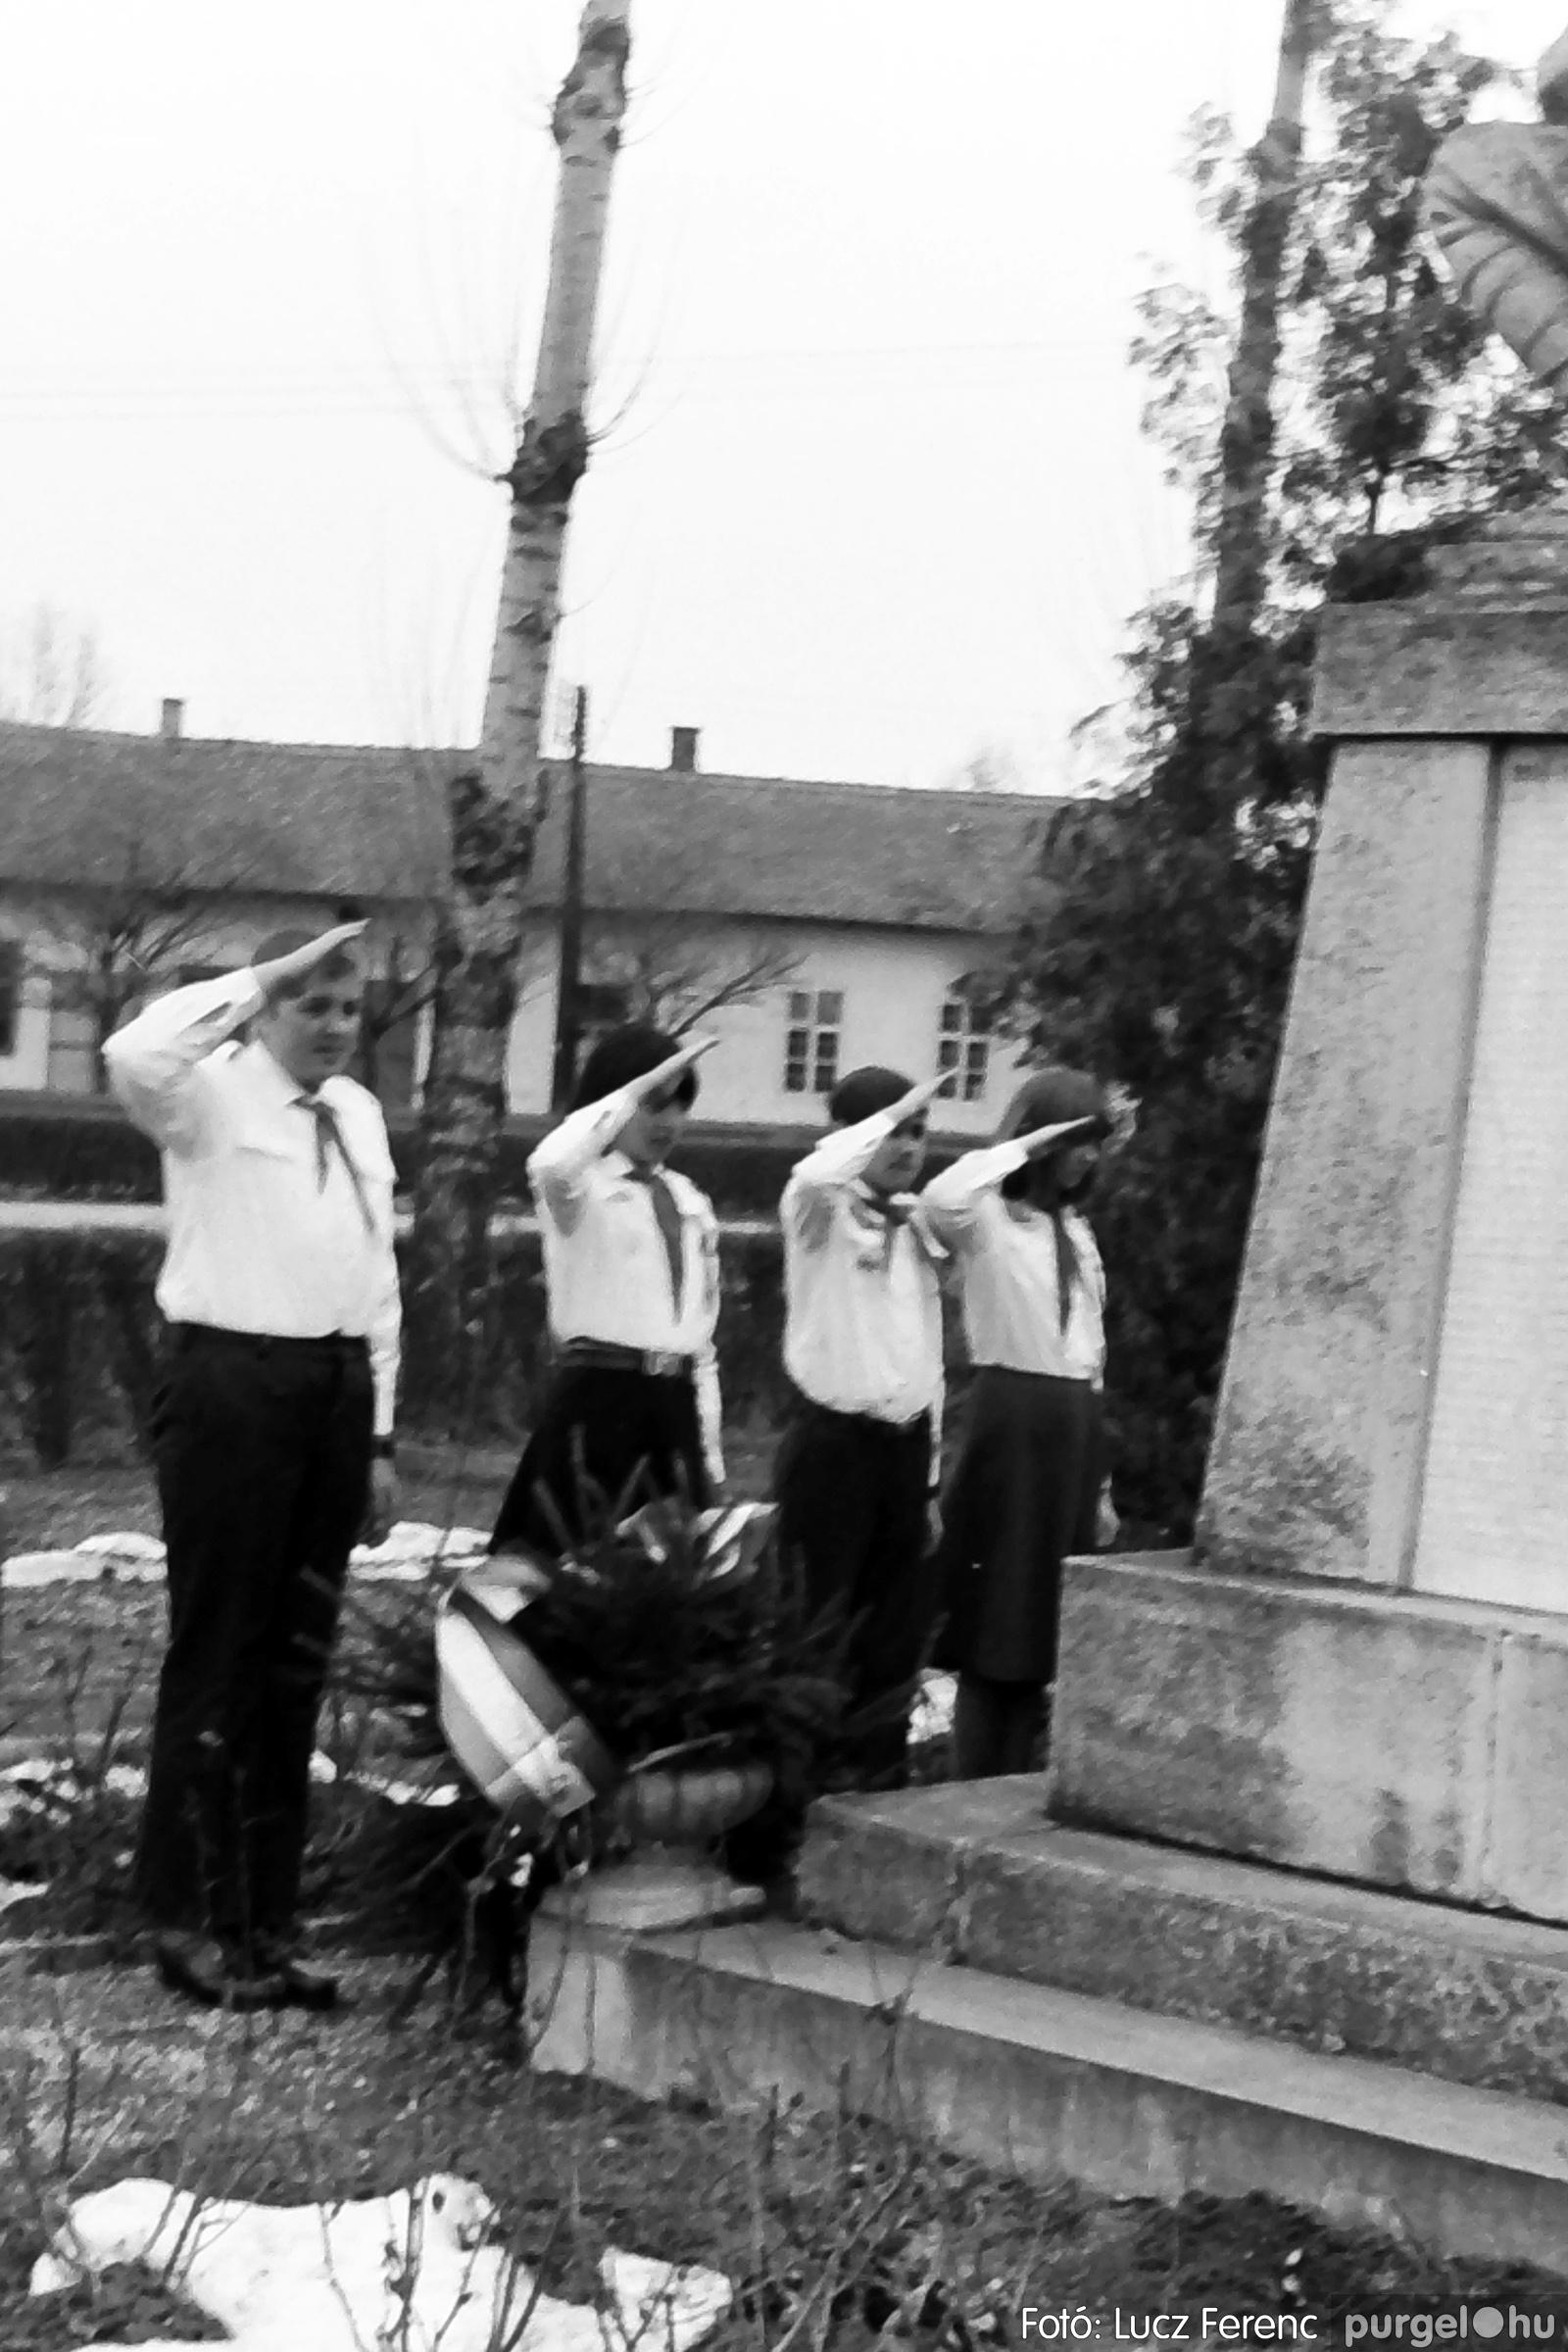 043. 1976. Emlékezés a szegvári direktóriumra 006. - Fotó: Lucz Ferenc - IMG00267q.jpg